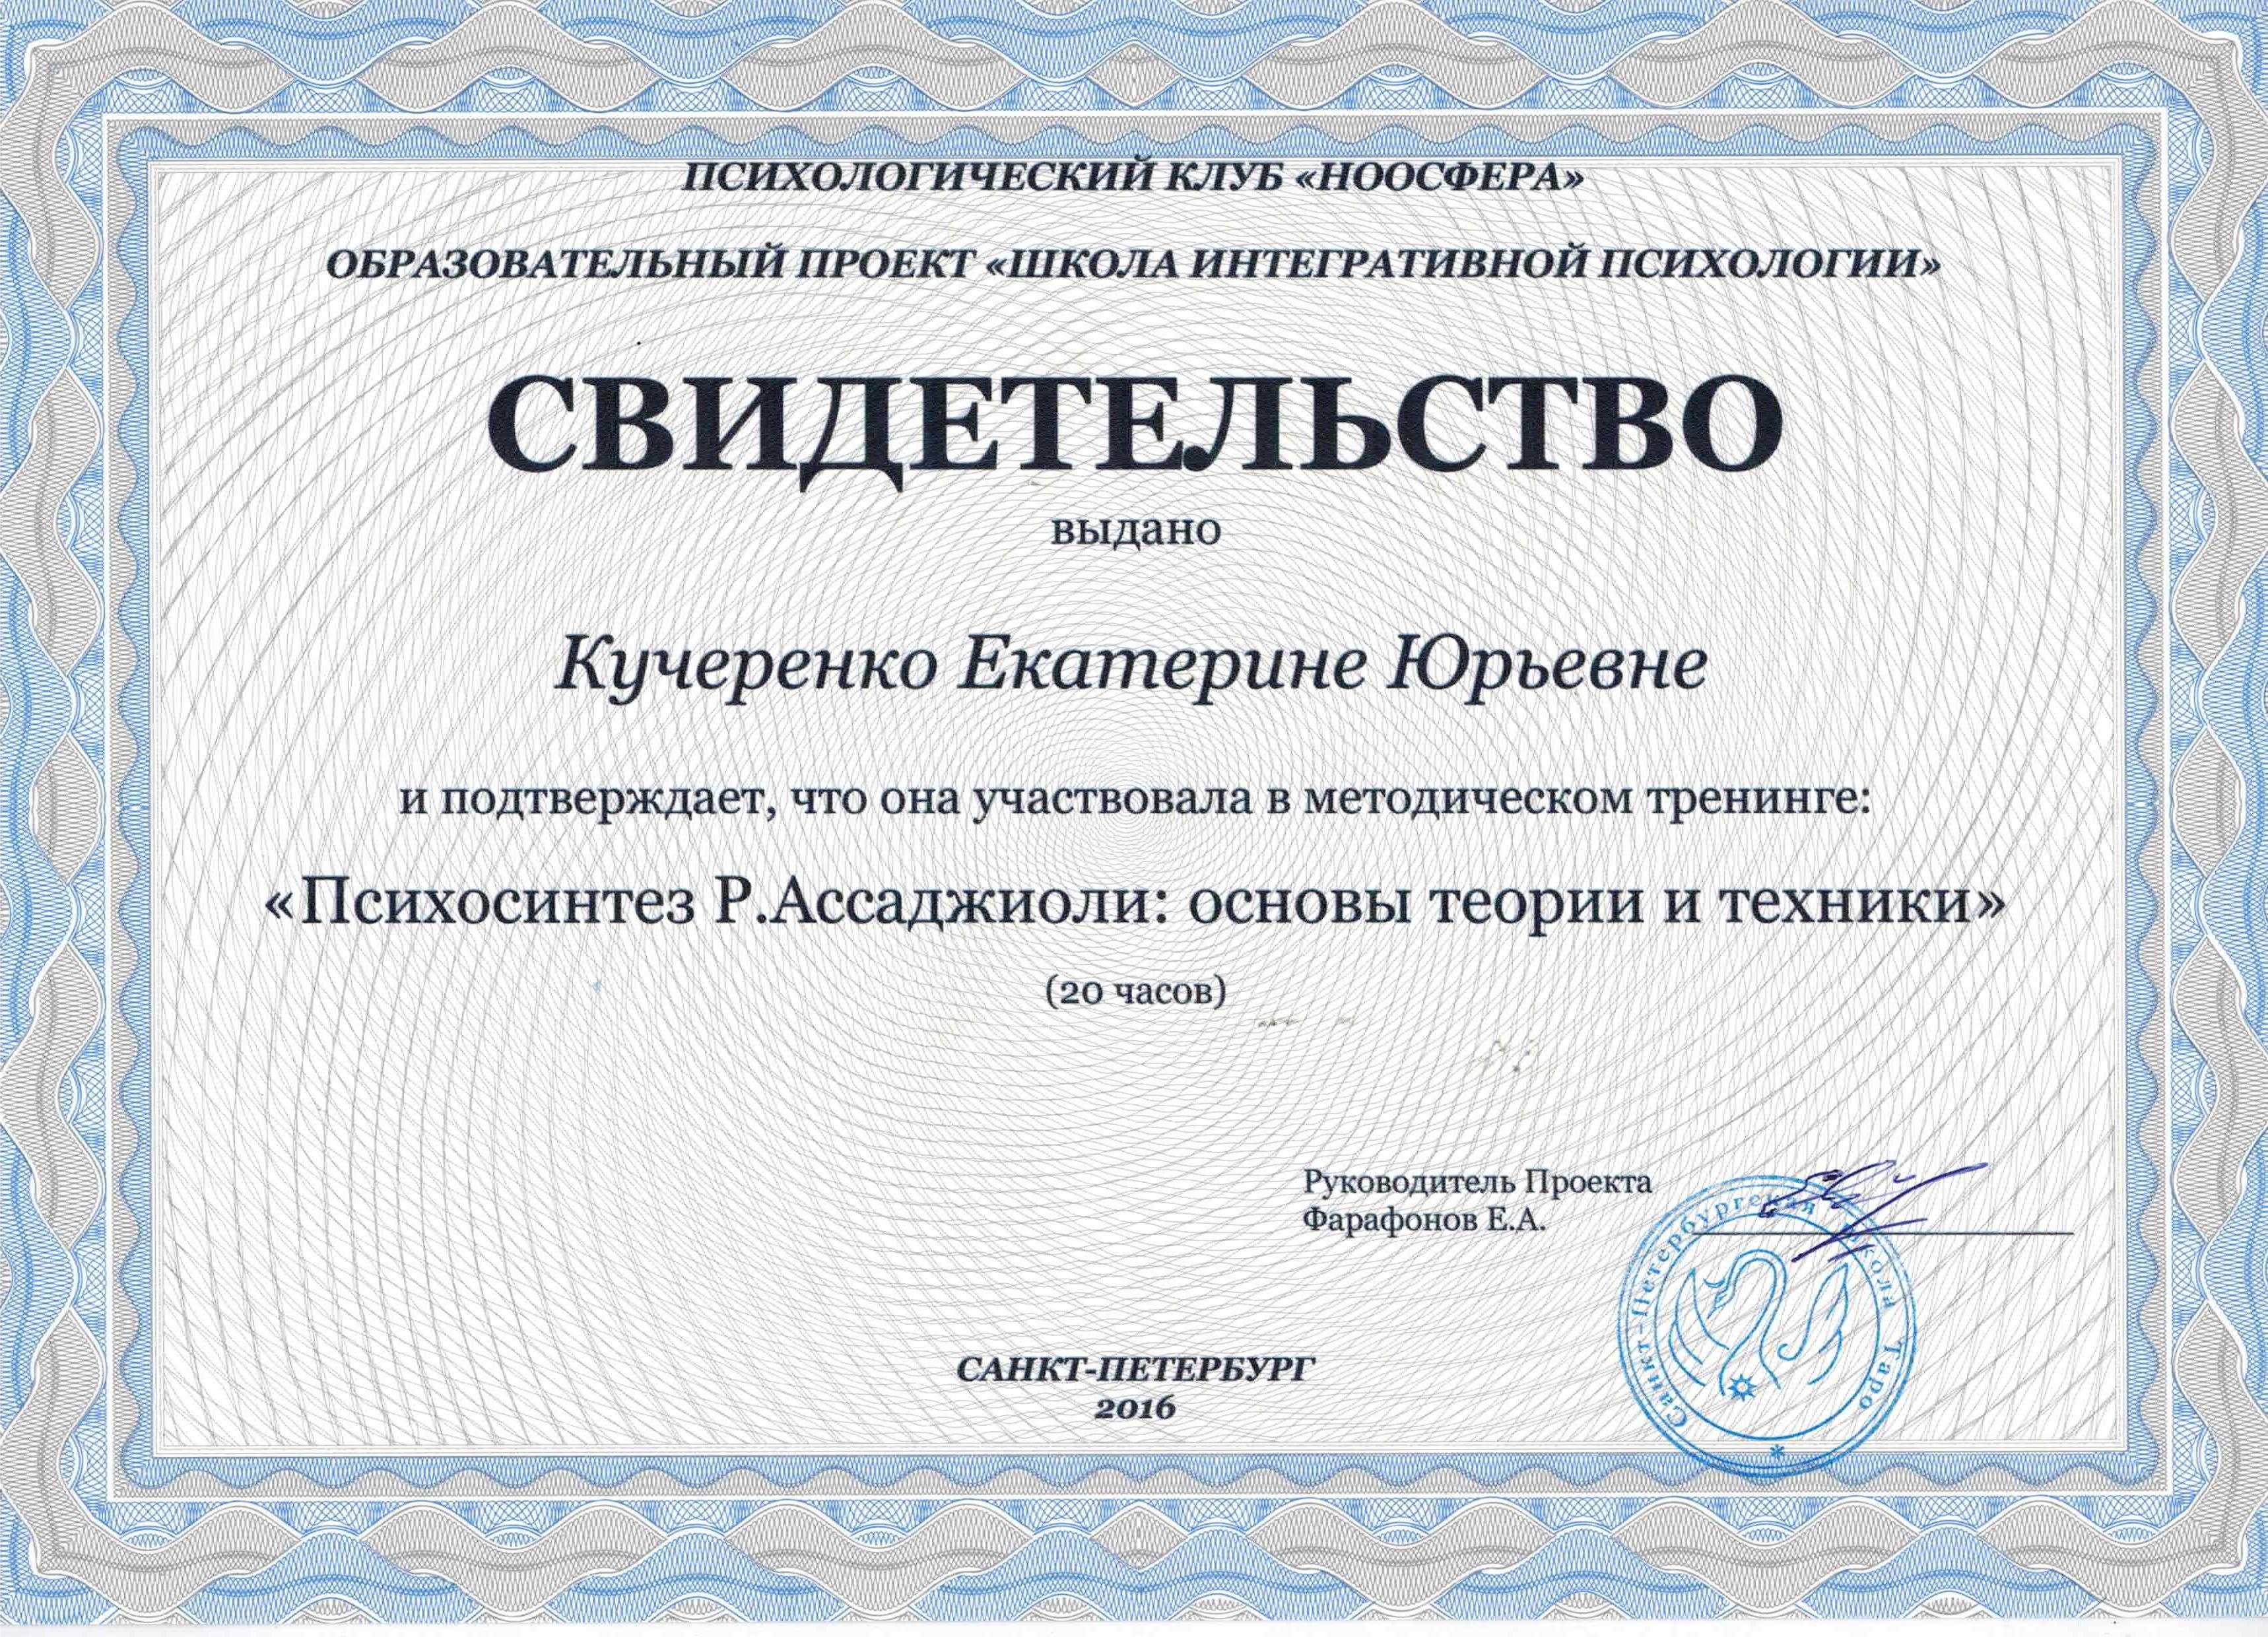 Сертификат. Психосинтез